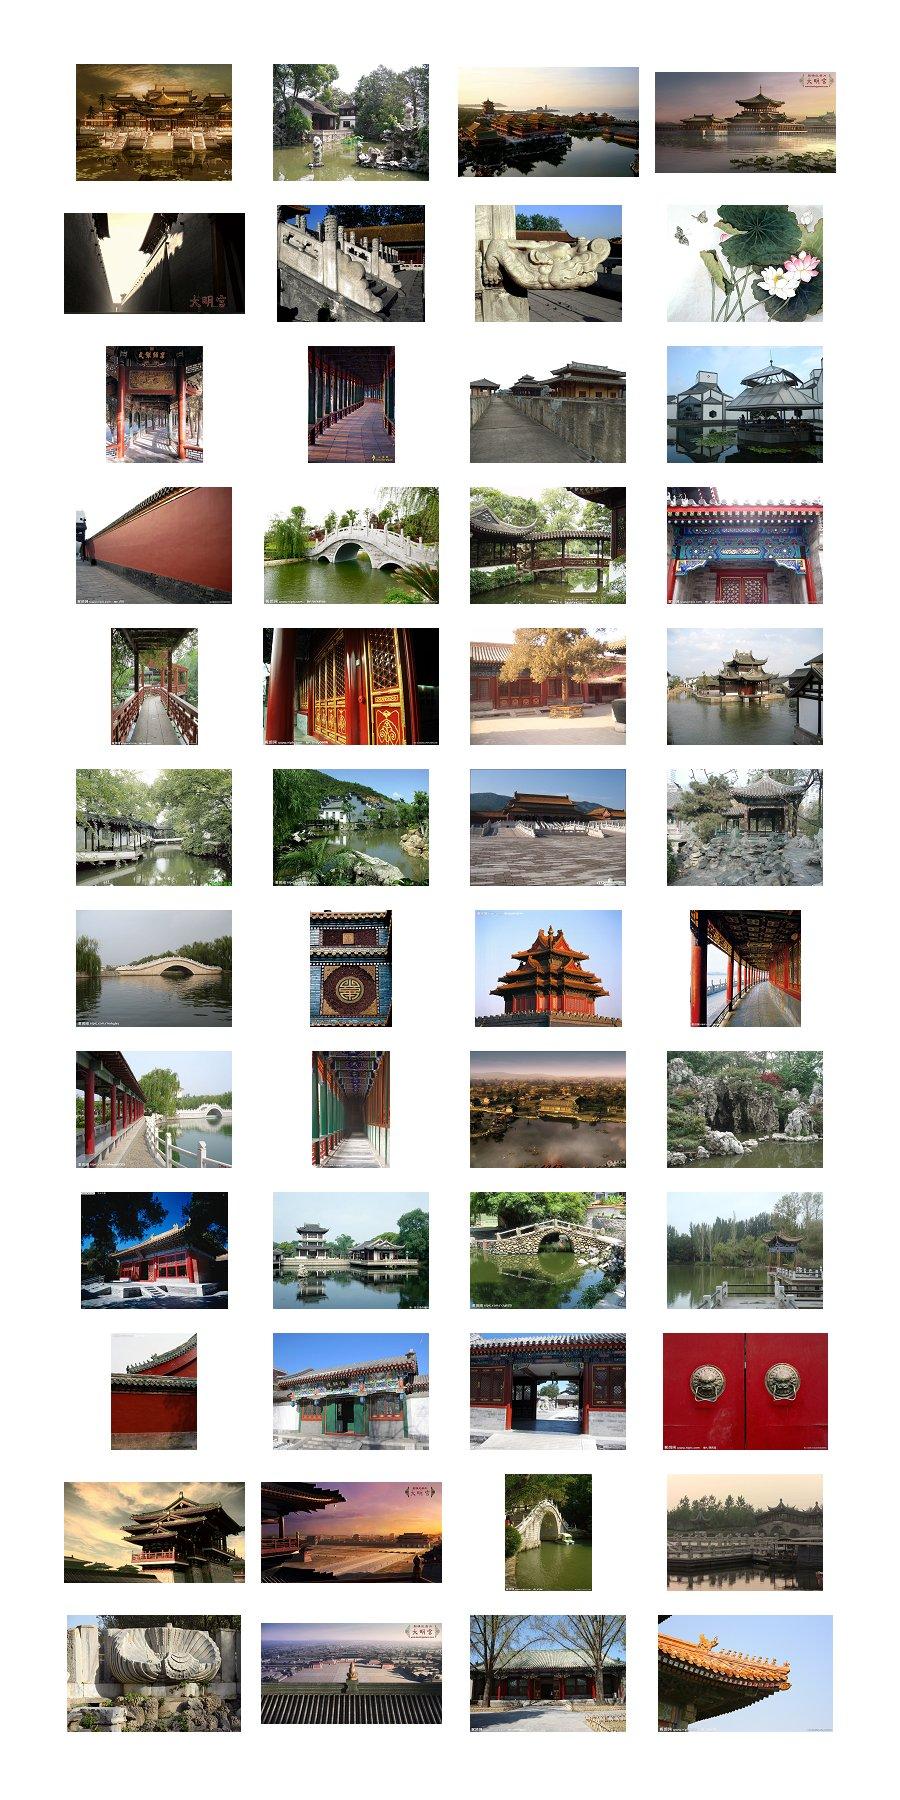 地址360云盘下载地址 02013年11月17日635图片素材